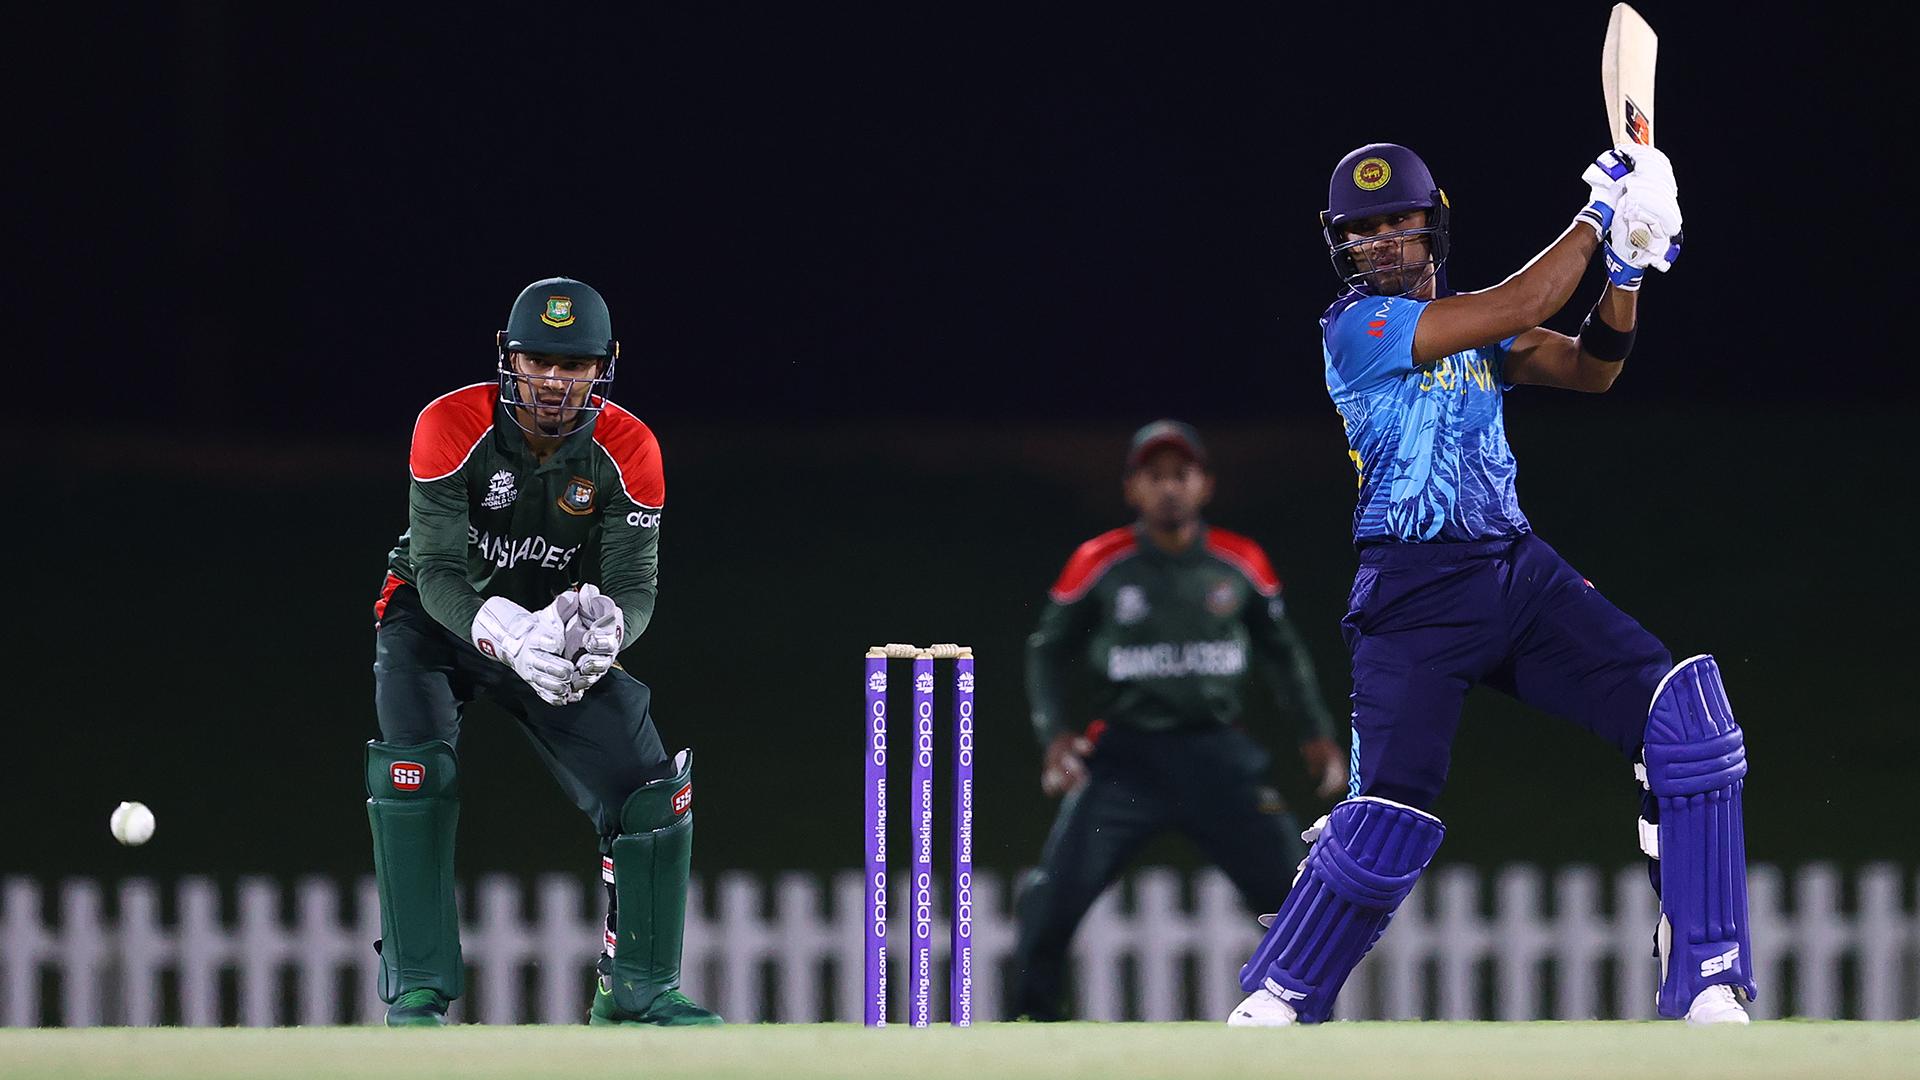 Sri Lanka faced Bangladesh in a warm up match.